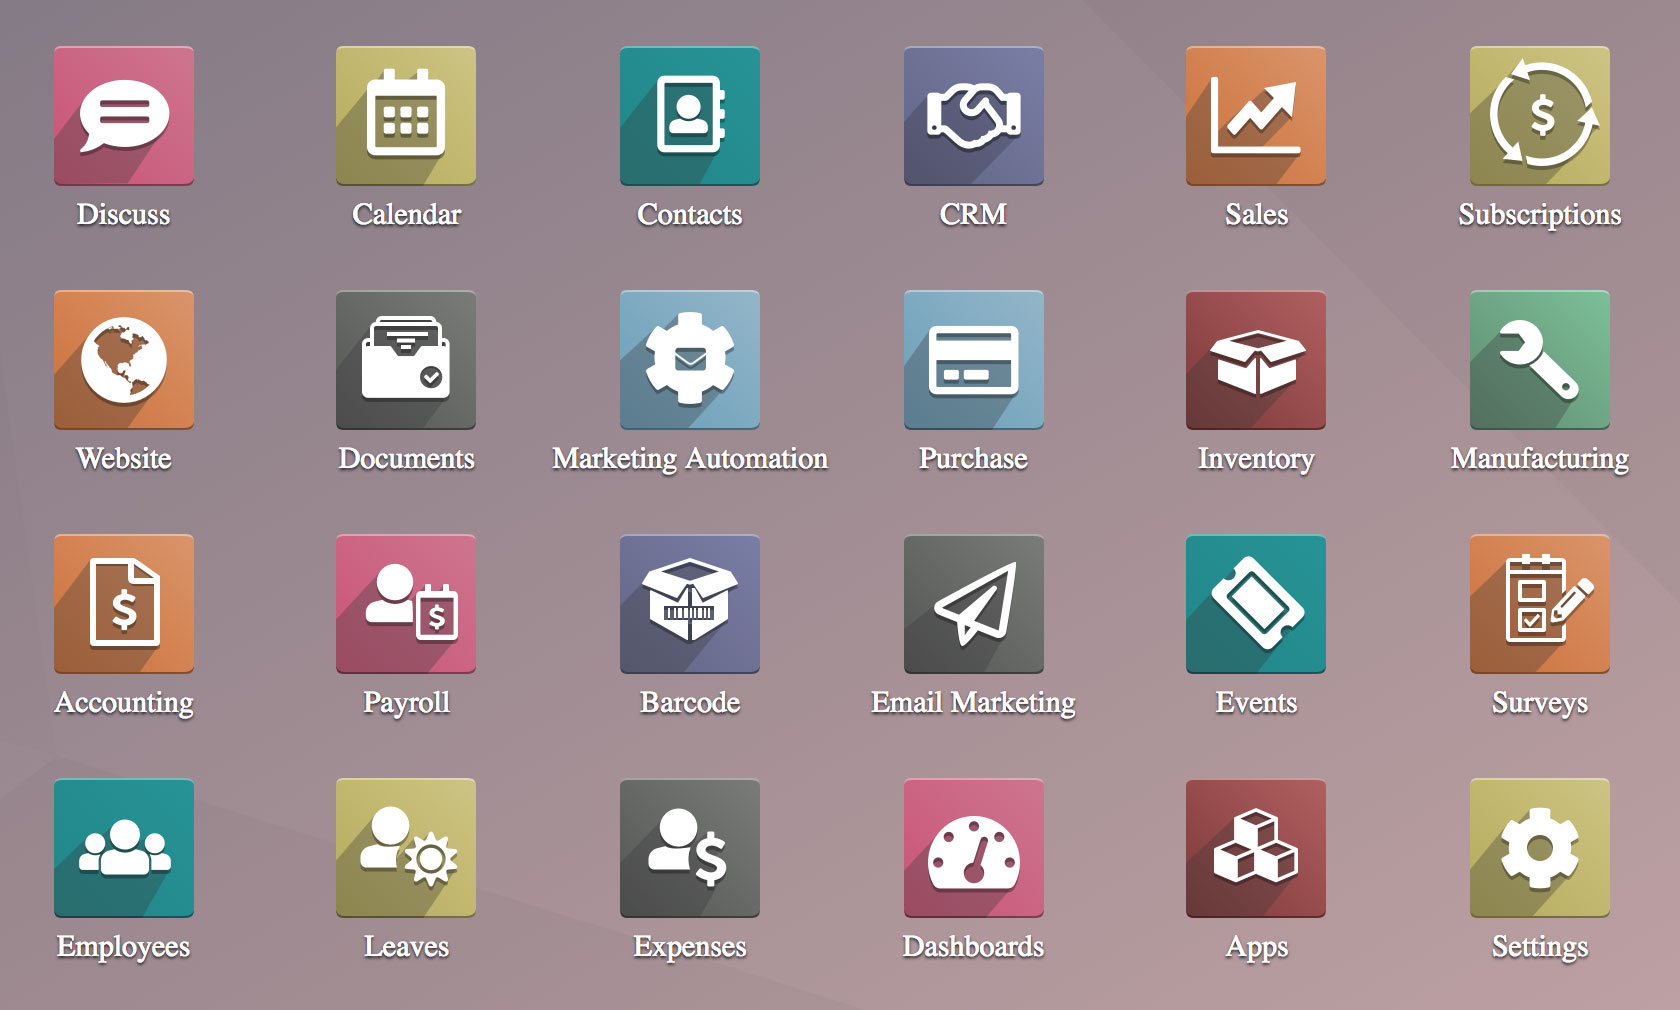 Triển khai Odoo - Phần mềm quản trị doanh nghiệp ERP tích hợp 3000 ứng dụng